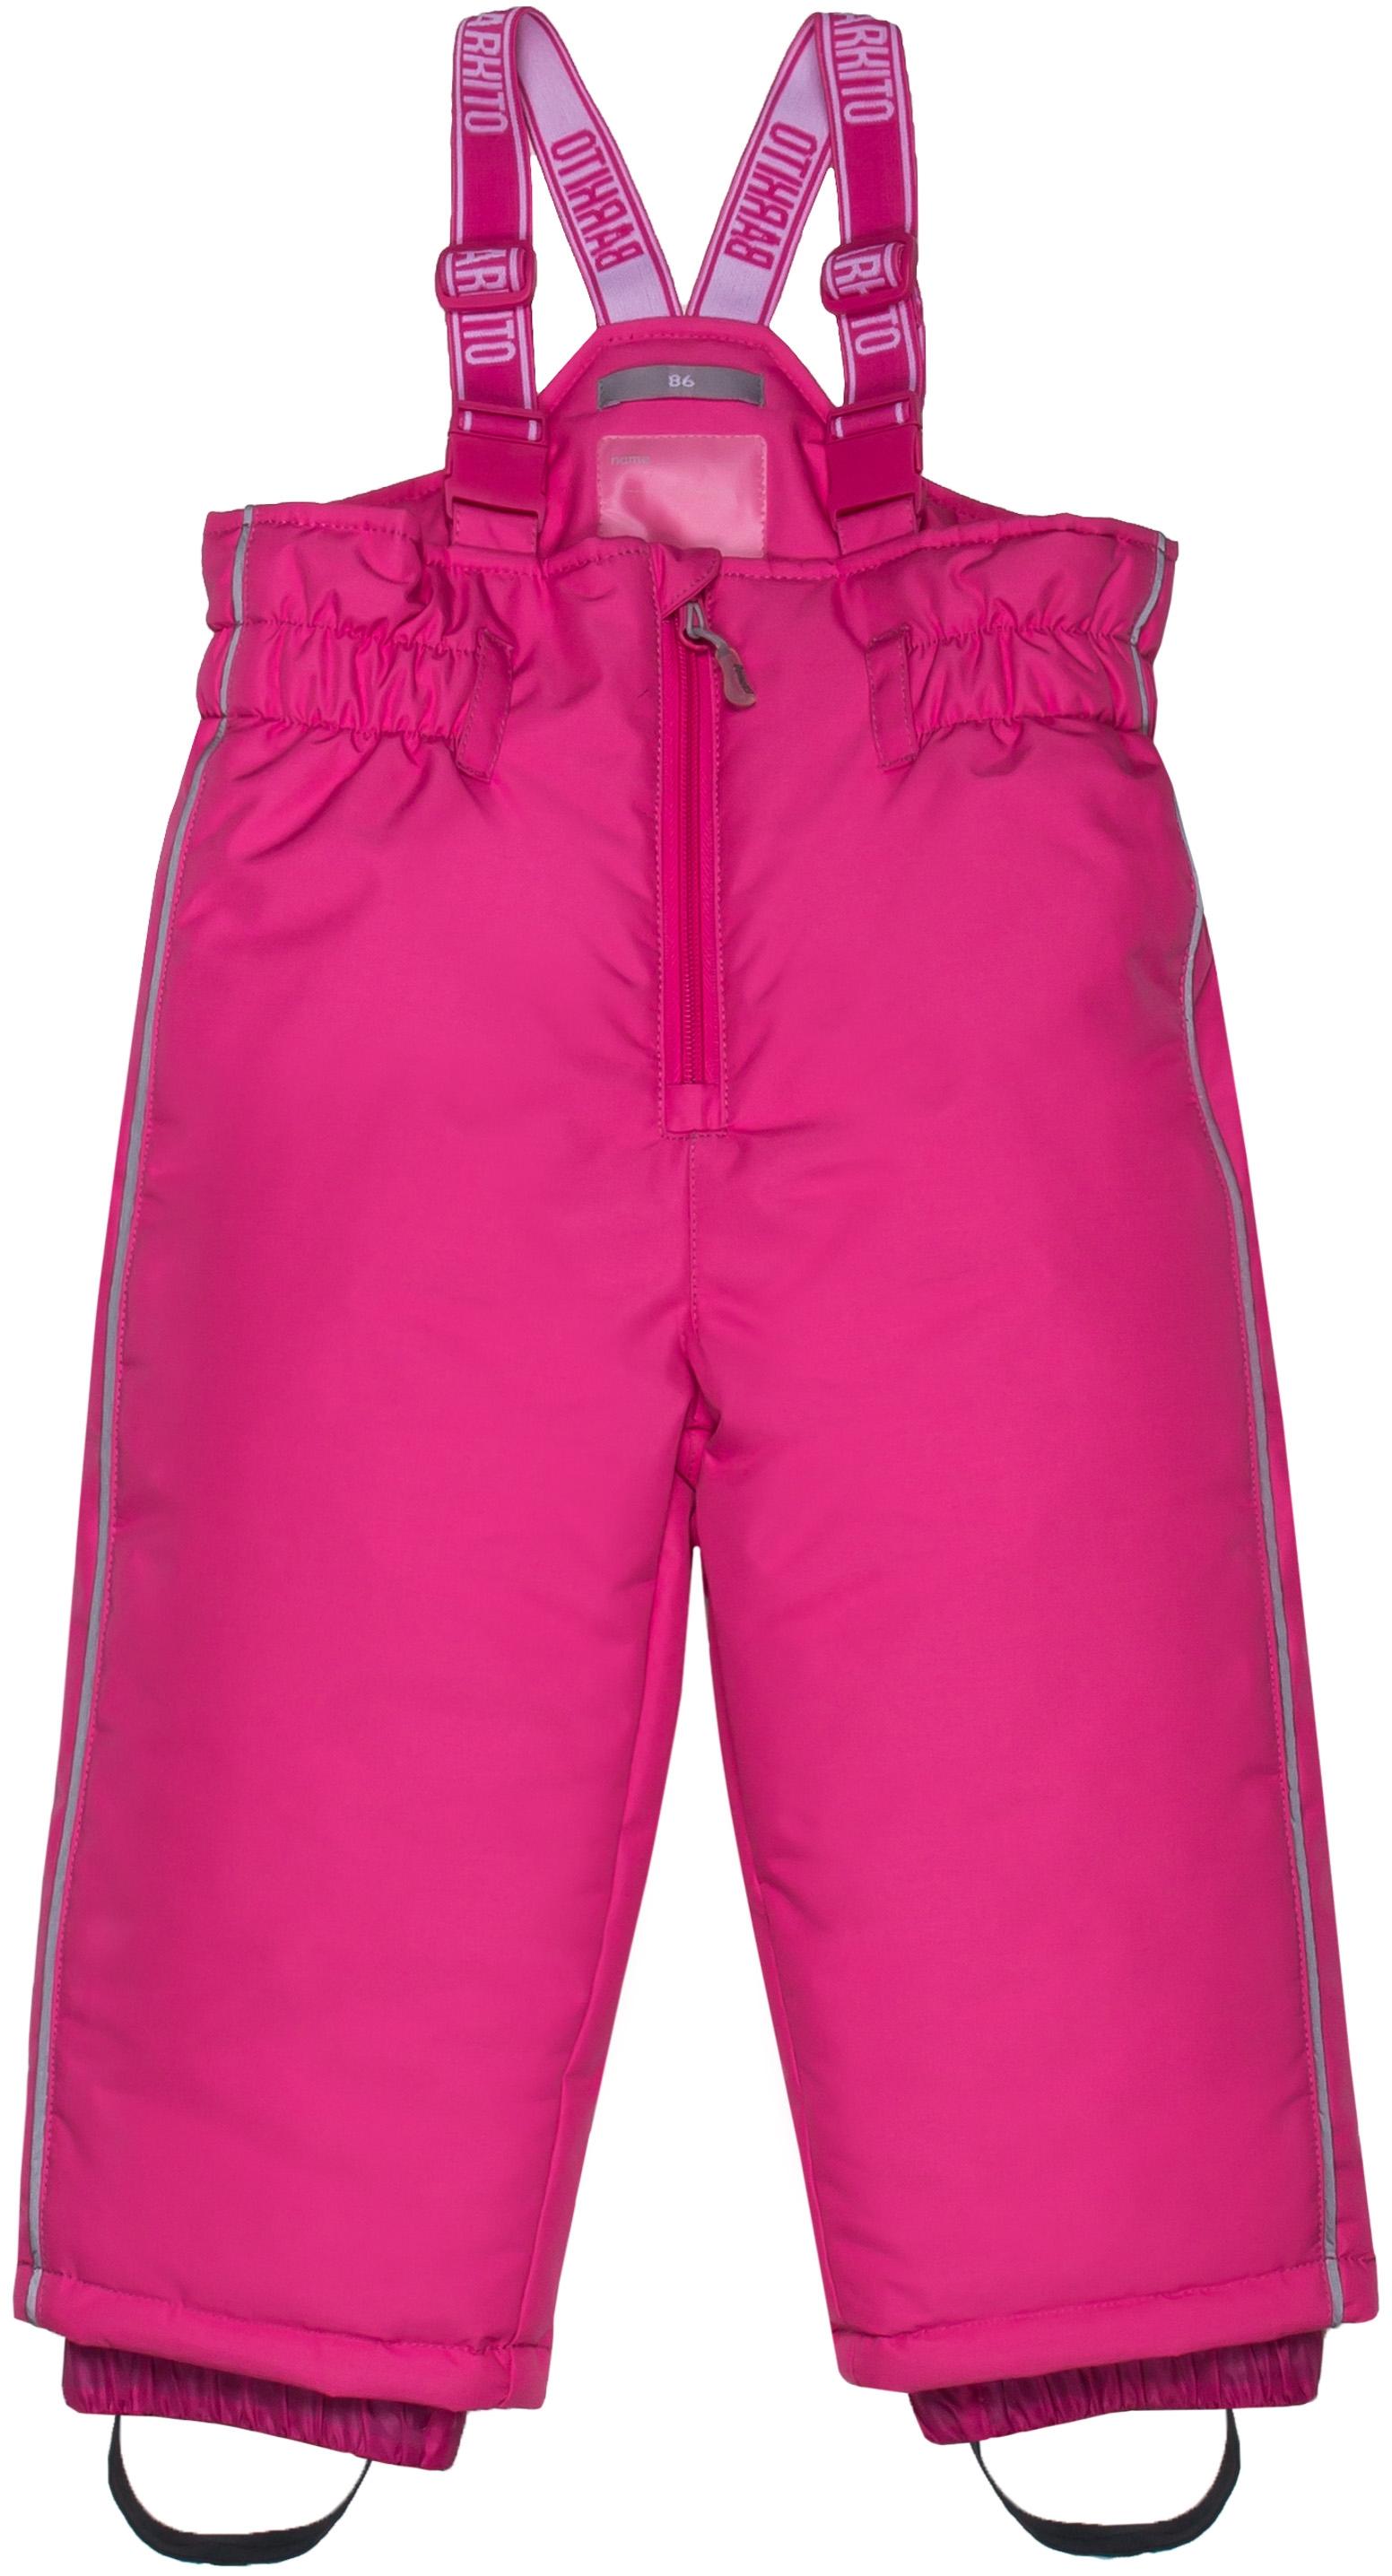 Полукомбинезон Barkito Для девочки розовый полукомбинезон barkito детский